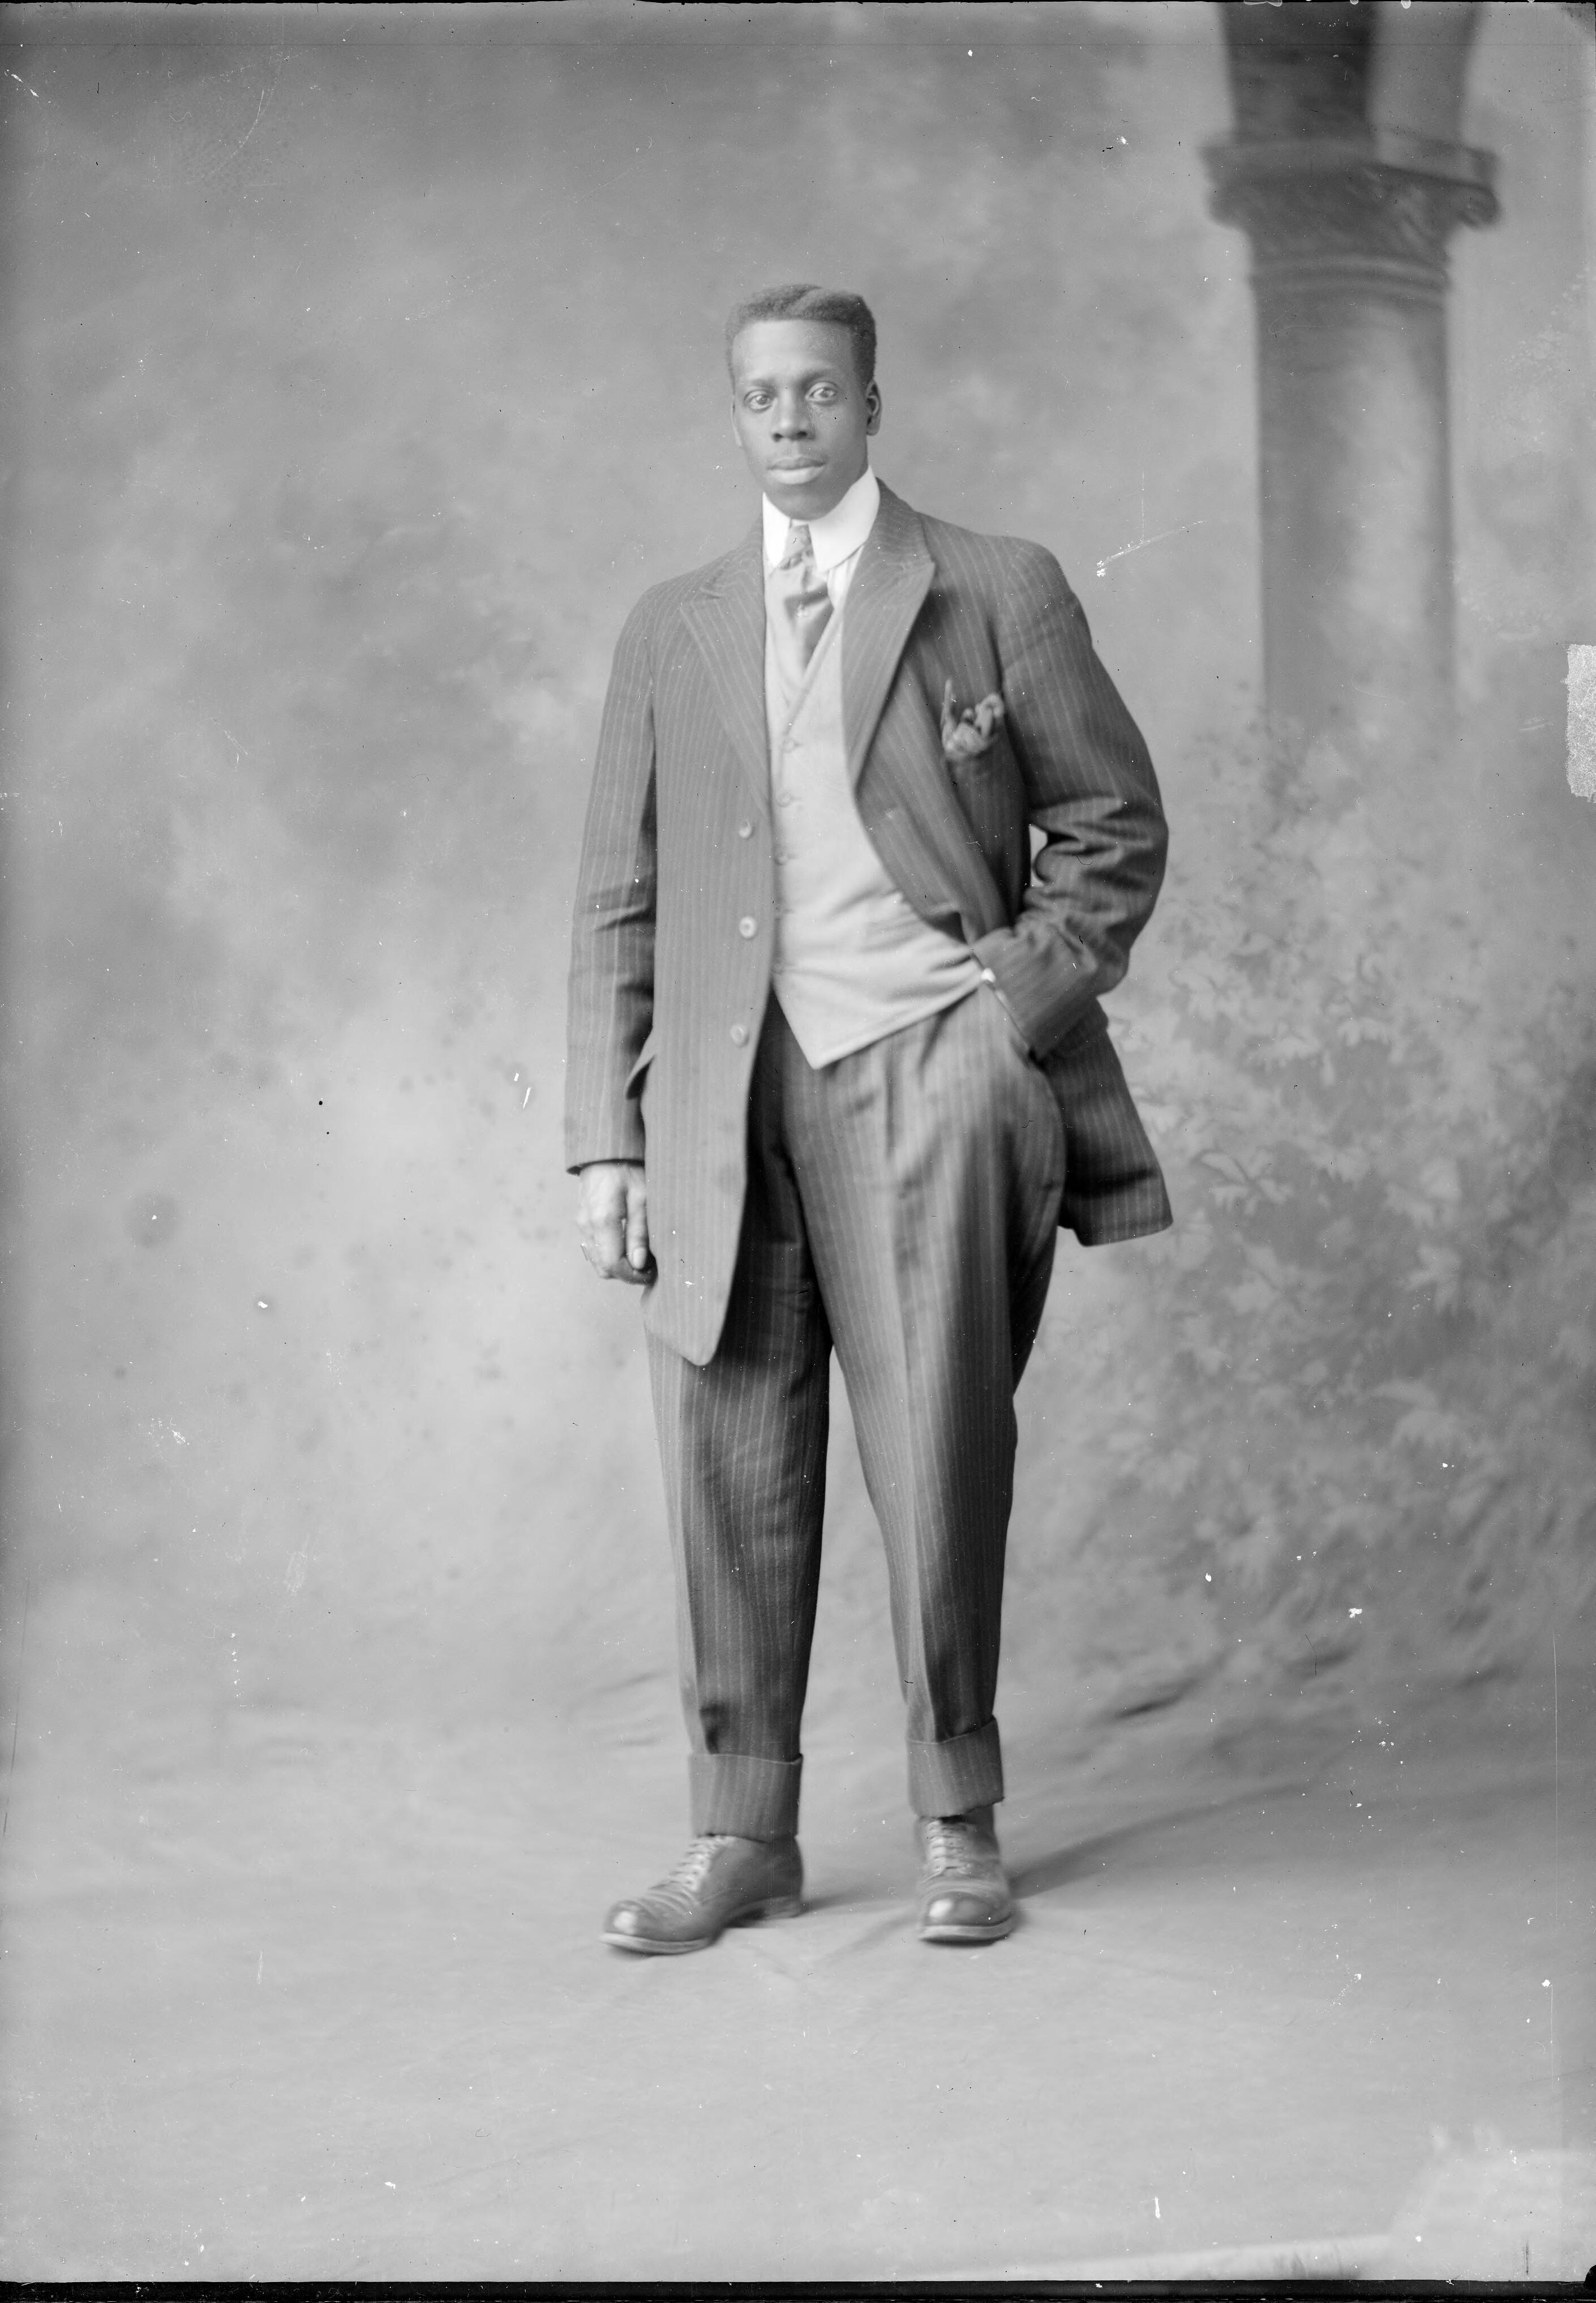 James A. Gordon